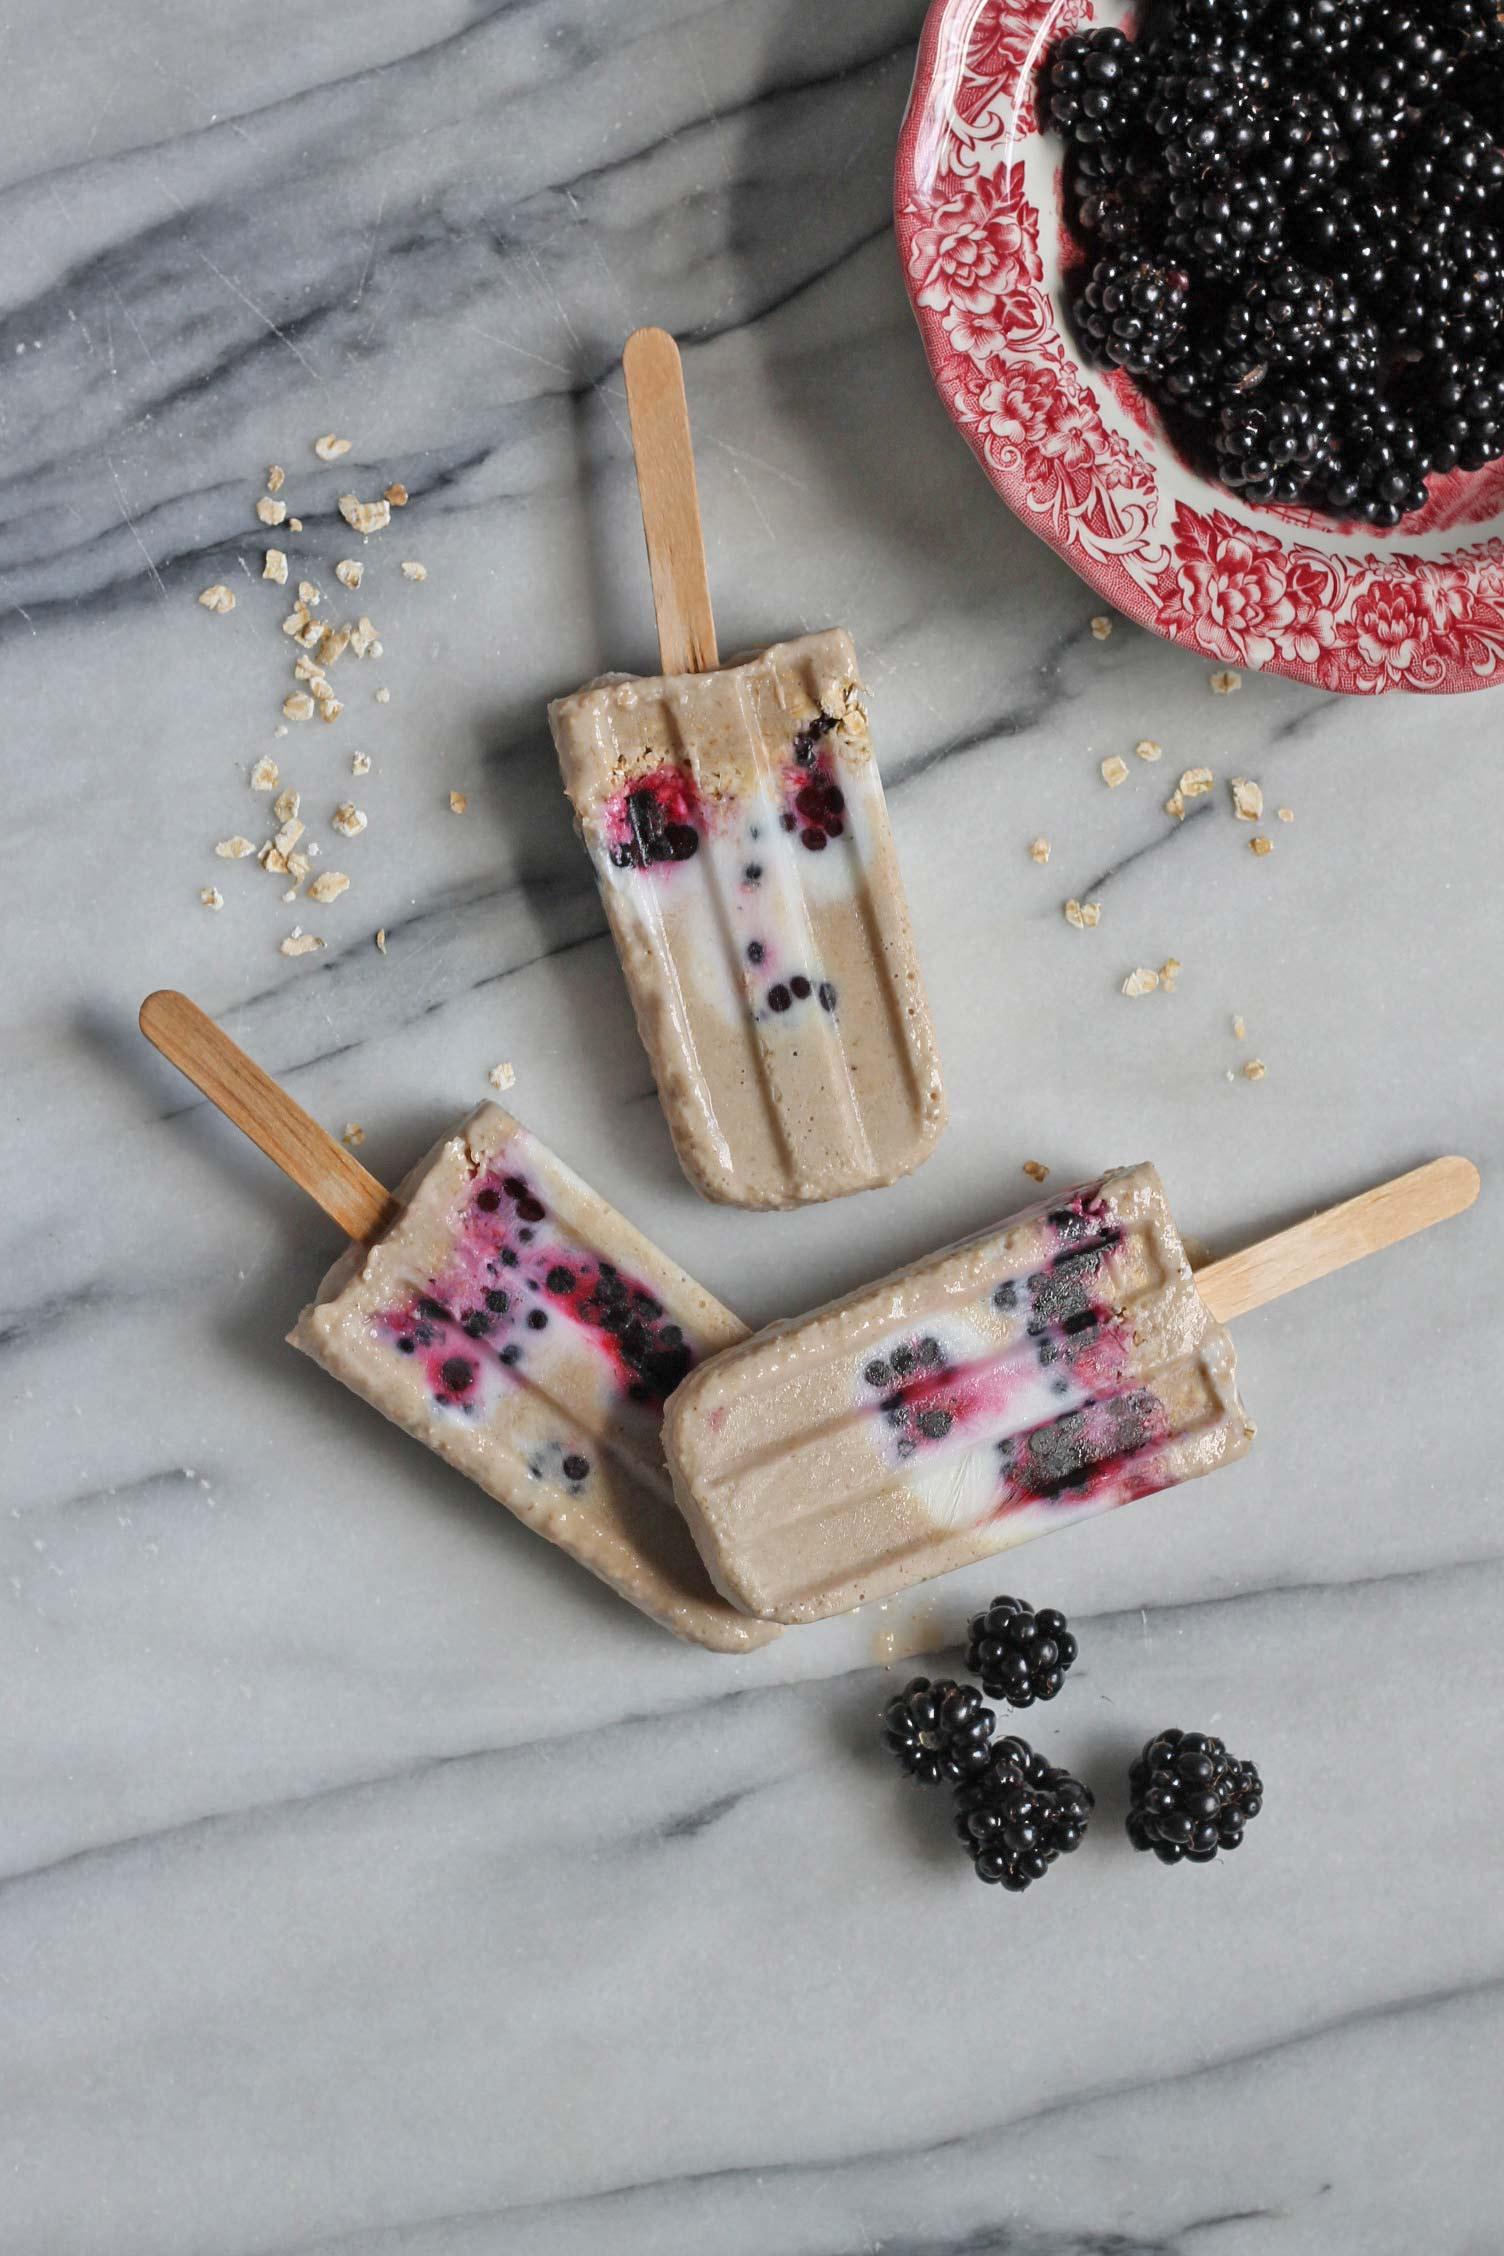 Blackberry, Banana and Oat Breakfast Popsicles (vegan, gluten-free) | Veggie Desserts Blog